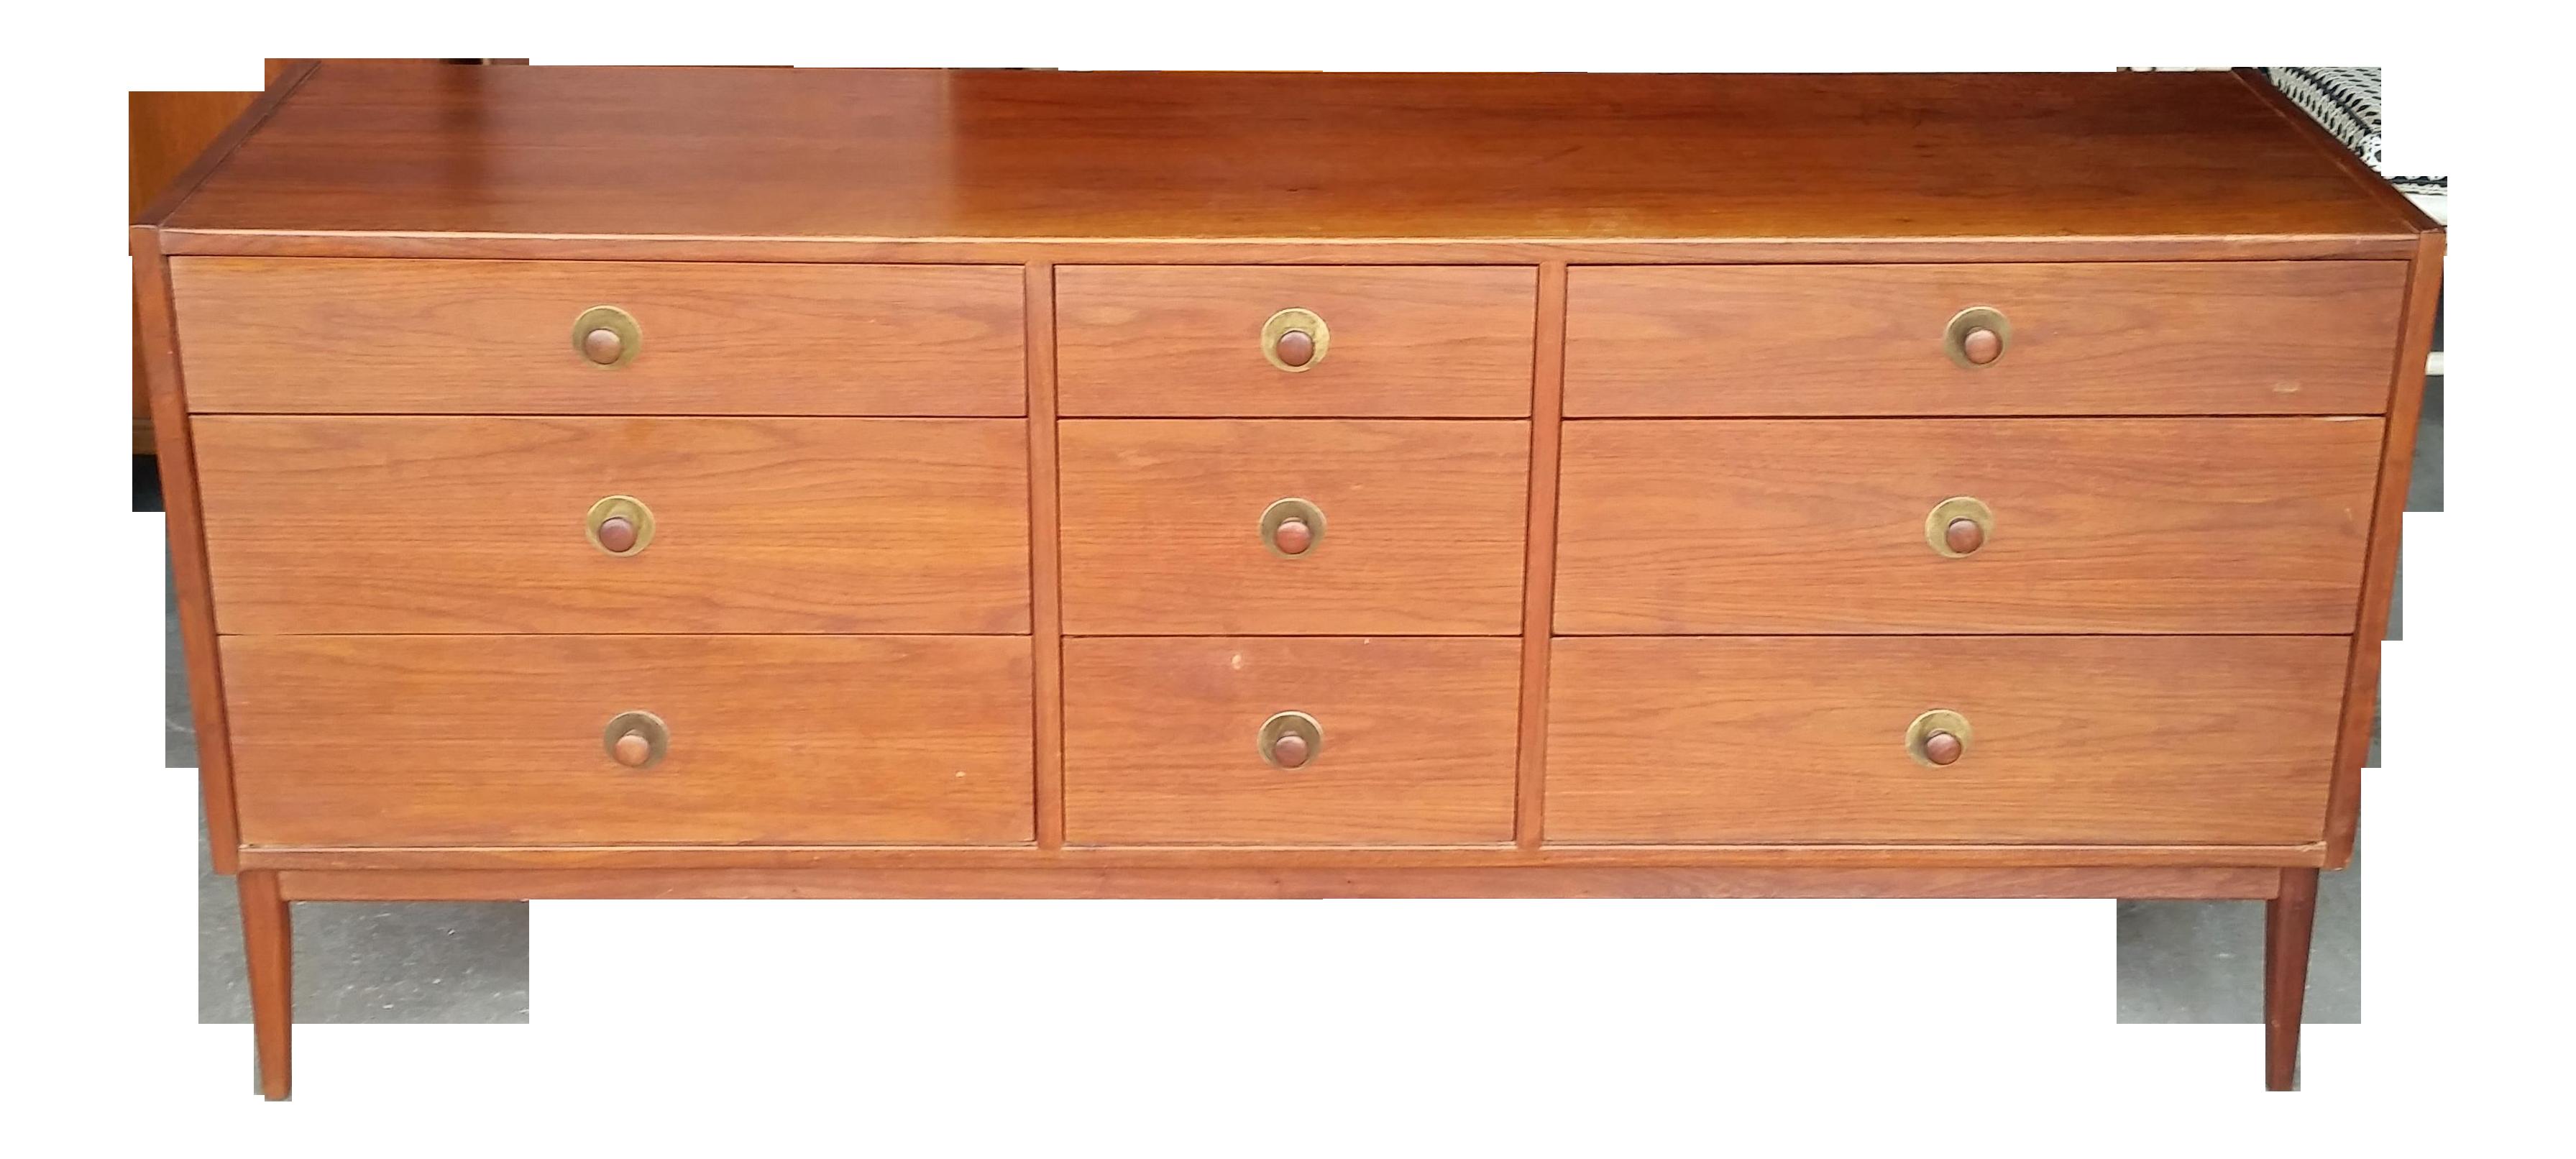 Gentil 1960s Jack Cartwright Walnut Lowboy Dresser Founders Furniture